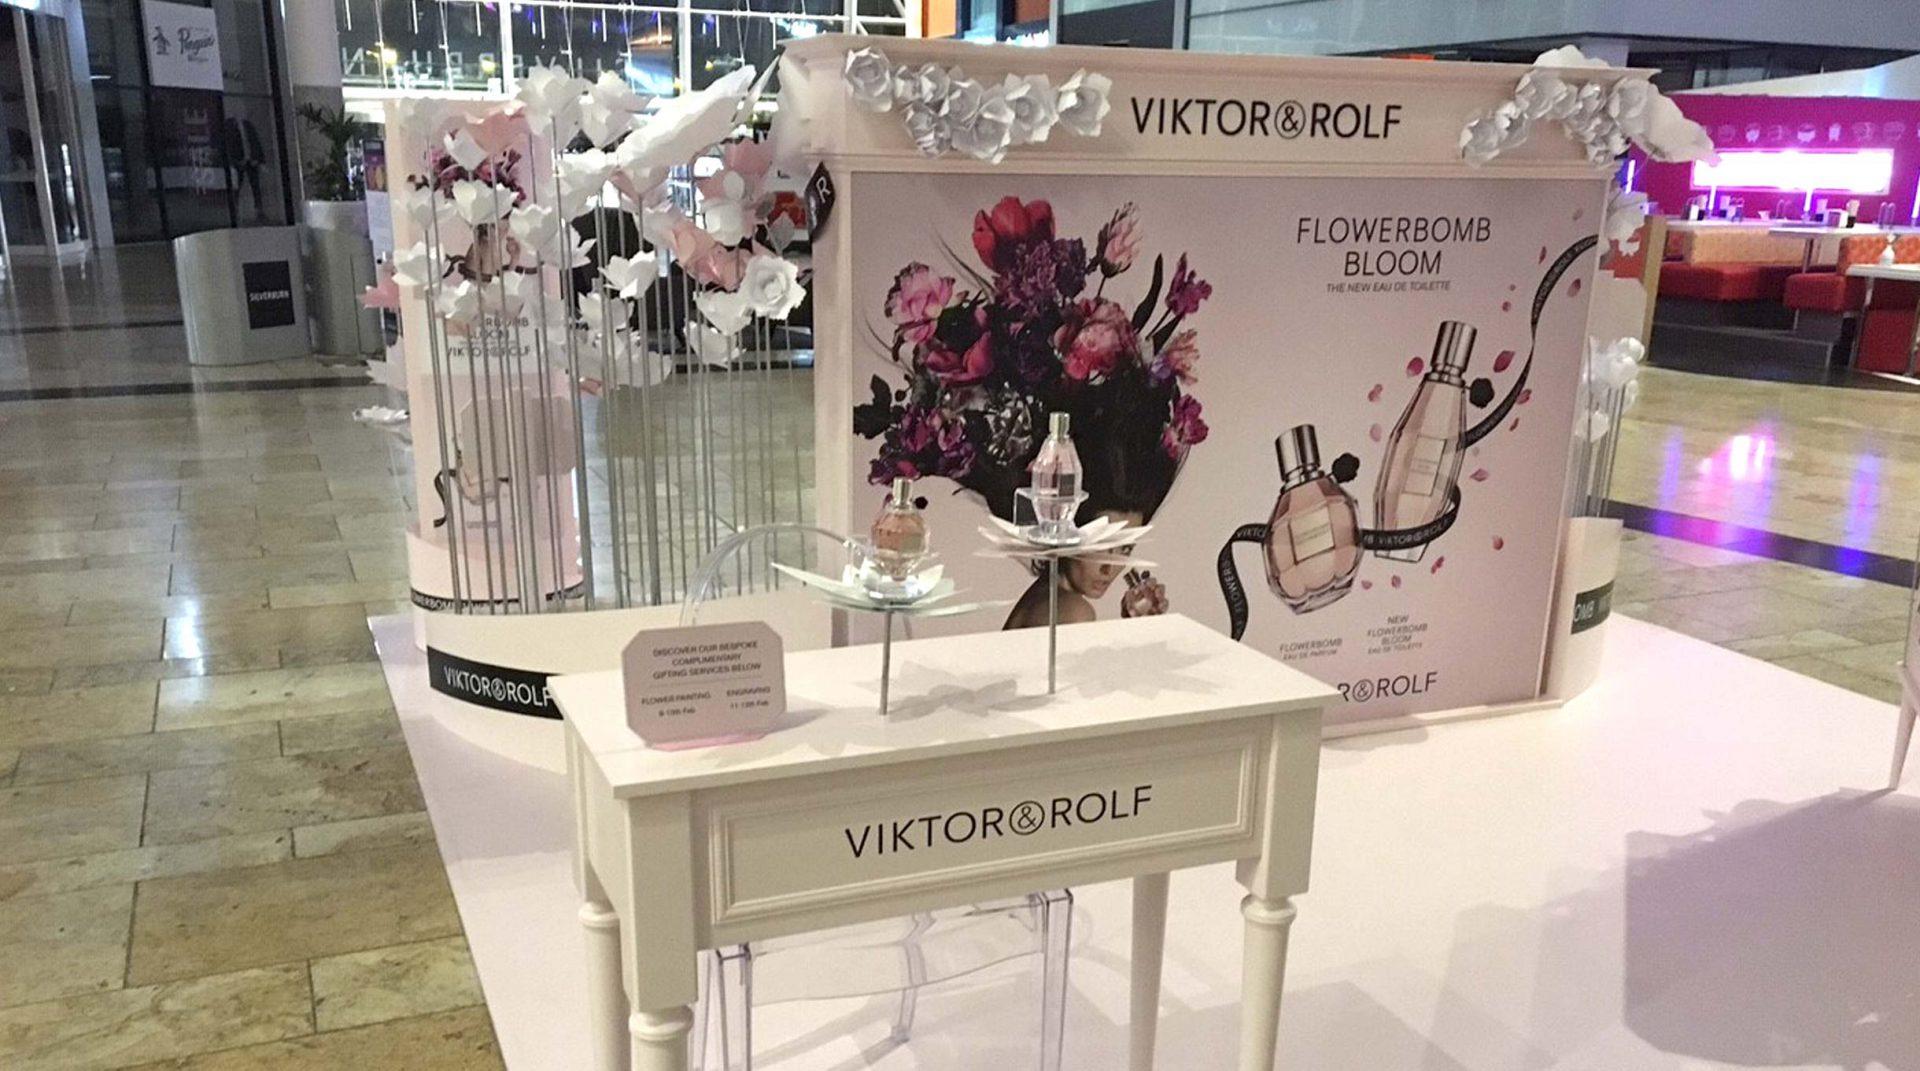 Viktor & Rolph Flower Bomb